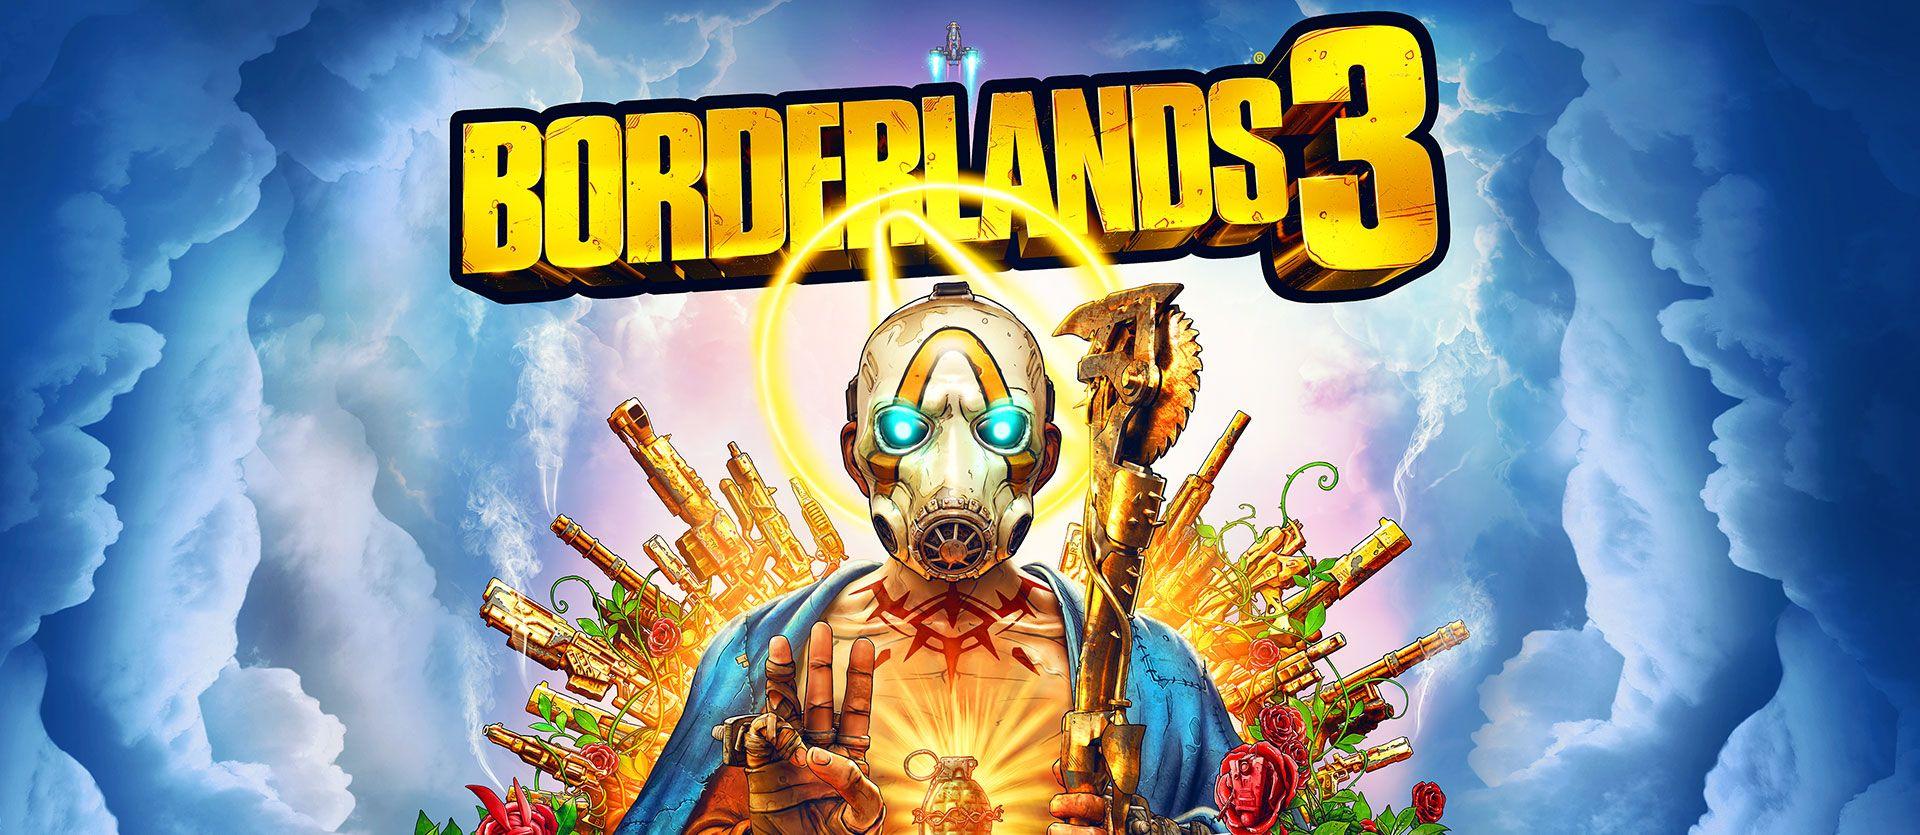 Borderlands 3 közvéleménykutatás